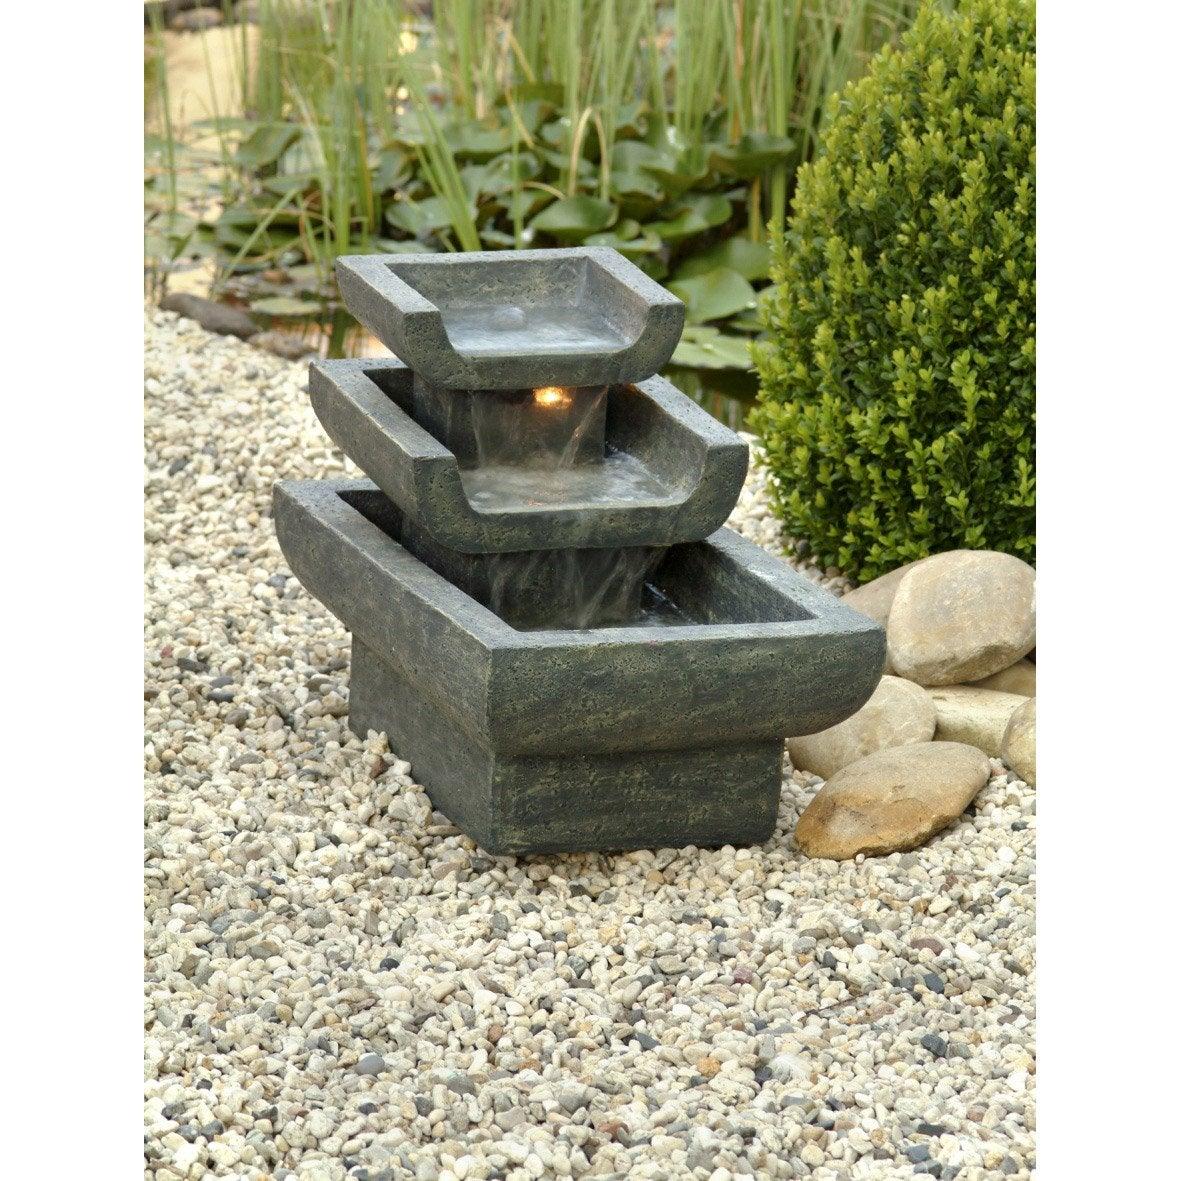 kit fontaine ubbink tokyo 3 bacs cascade pompe leroy merlin. Black Bedroom Furniture Sets. Home Design Ideas